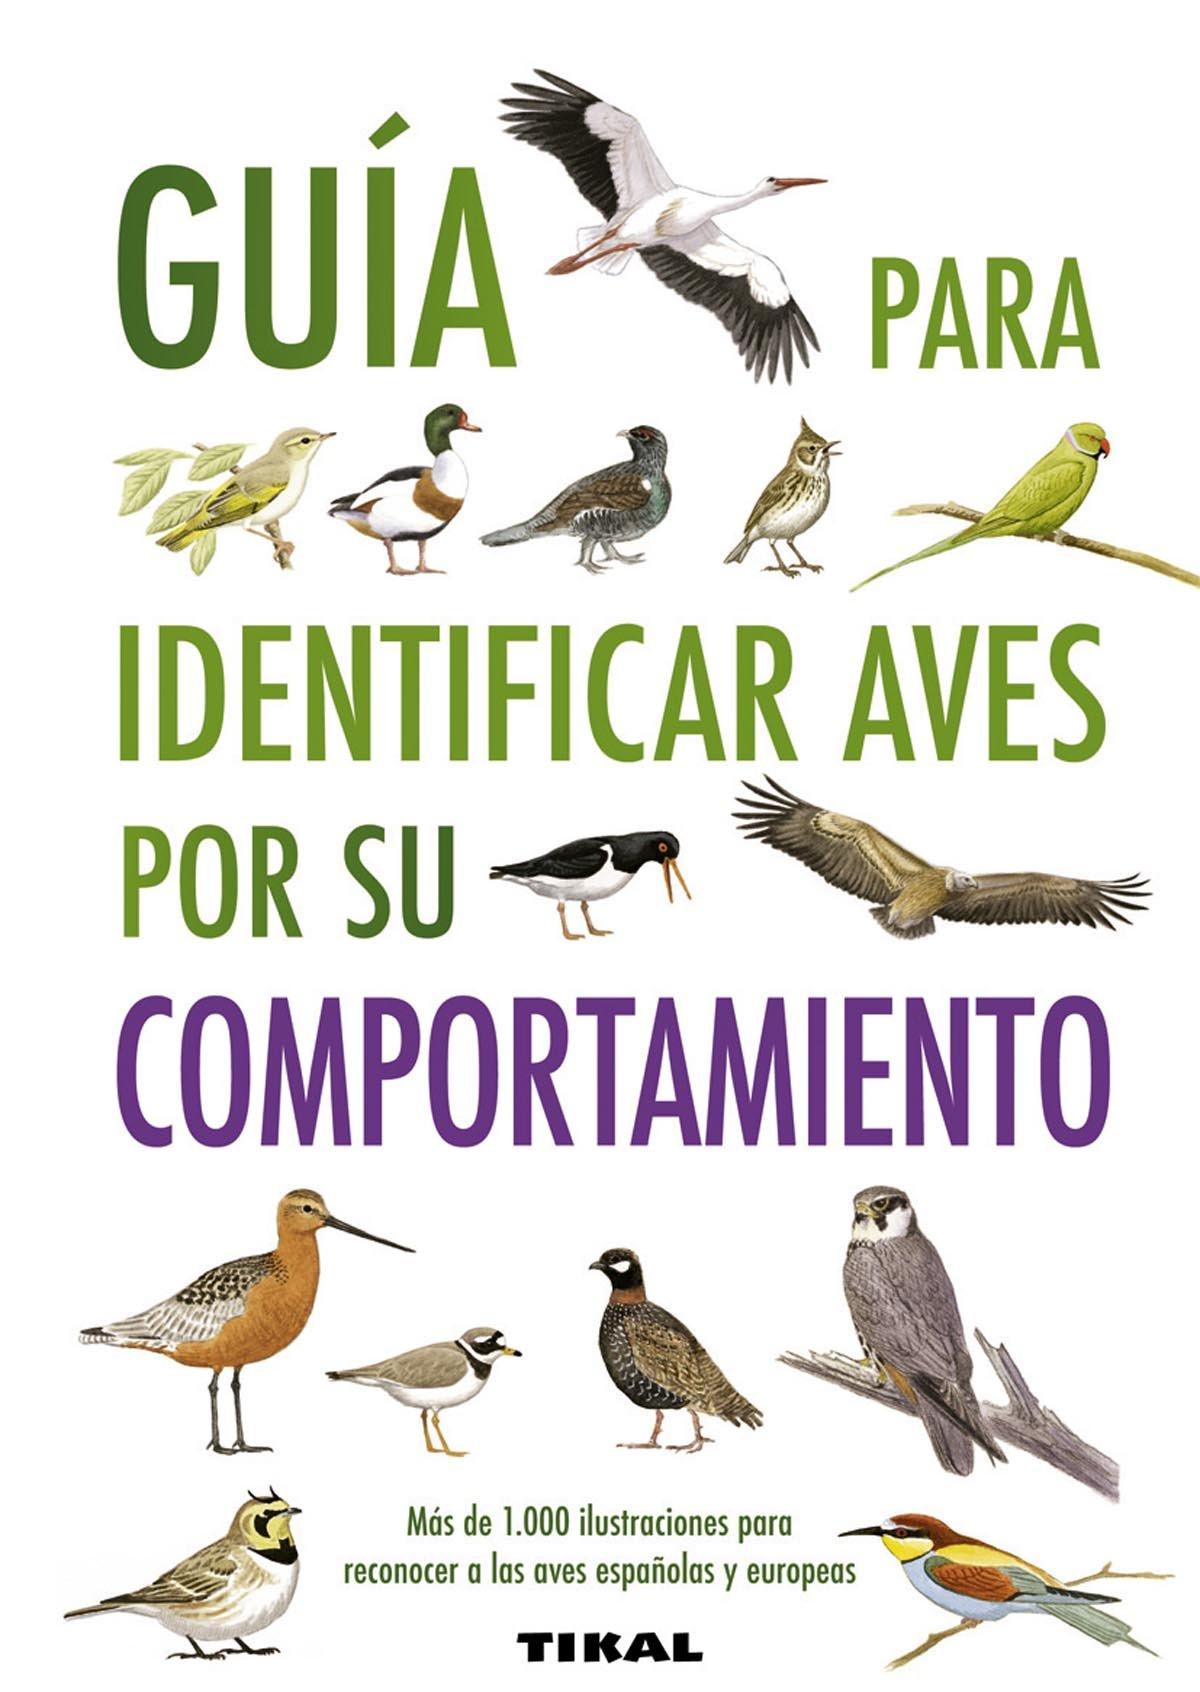 Guía para identificar aves por su comportamiento Guías Practicas: Amazon.es: Couzens, Dominic, Snow, Plilip, Disley, Tony, Nurney, David, Jarvis, Richard, Webb, Michael: Libros